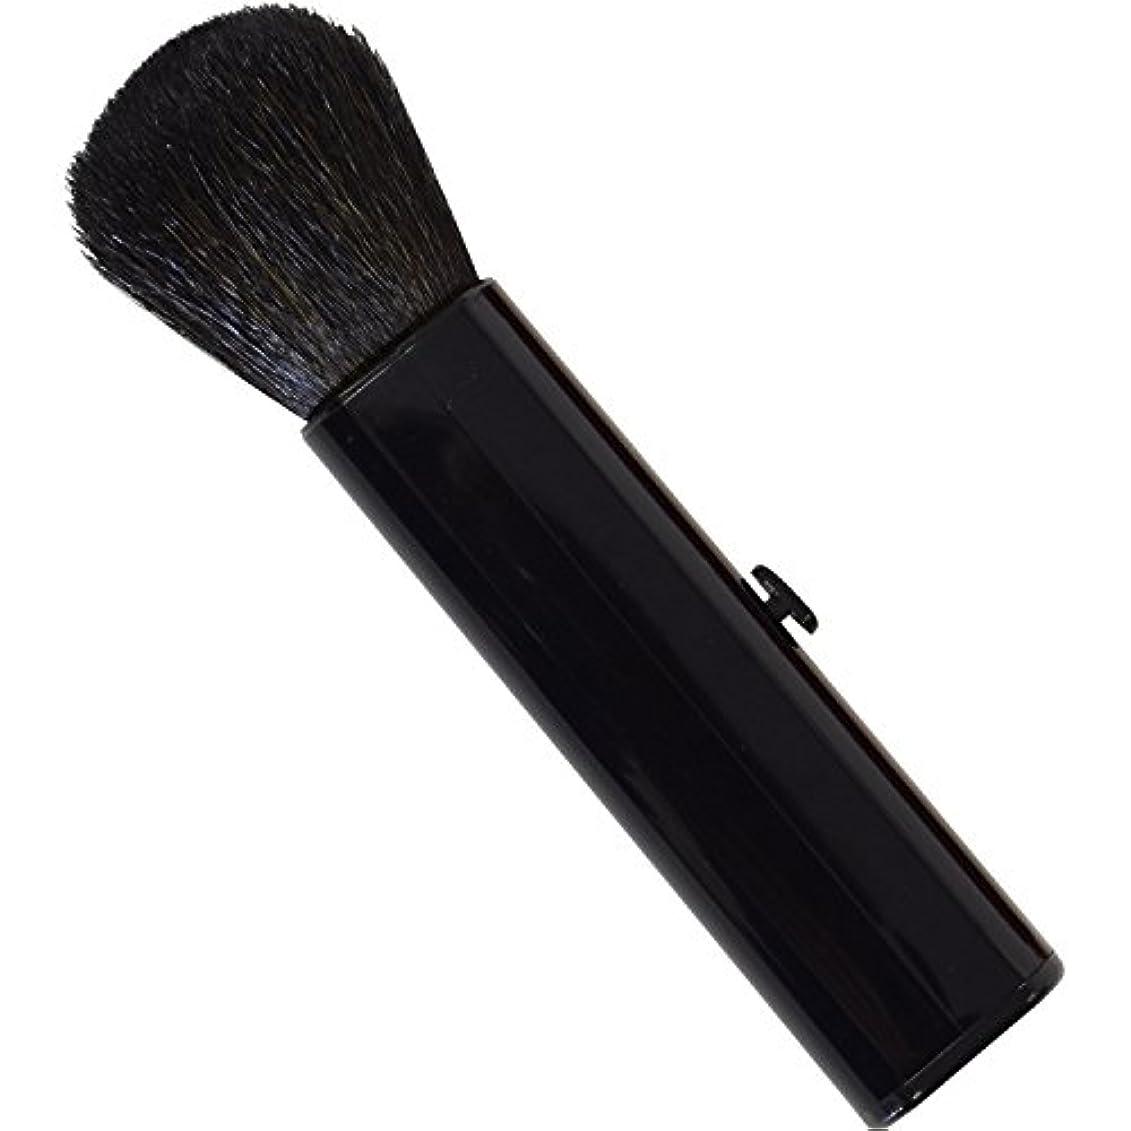 なめらかな味テラスSC-704BK 六角館さくら堂 スライドチークブラシ 黒 山羊毛100% シンプルなデザイン 便利なケース付き